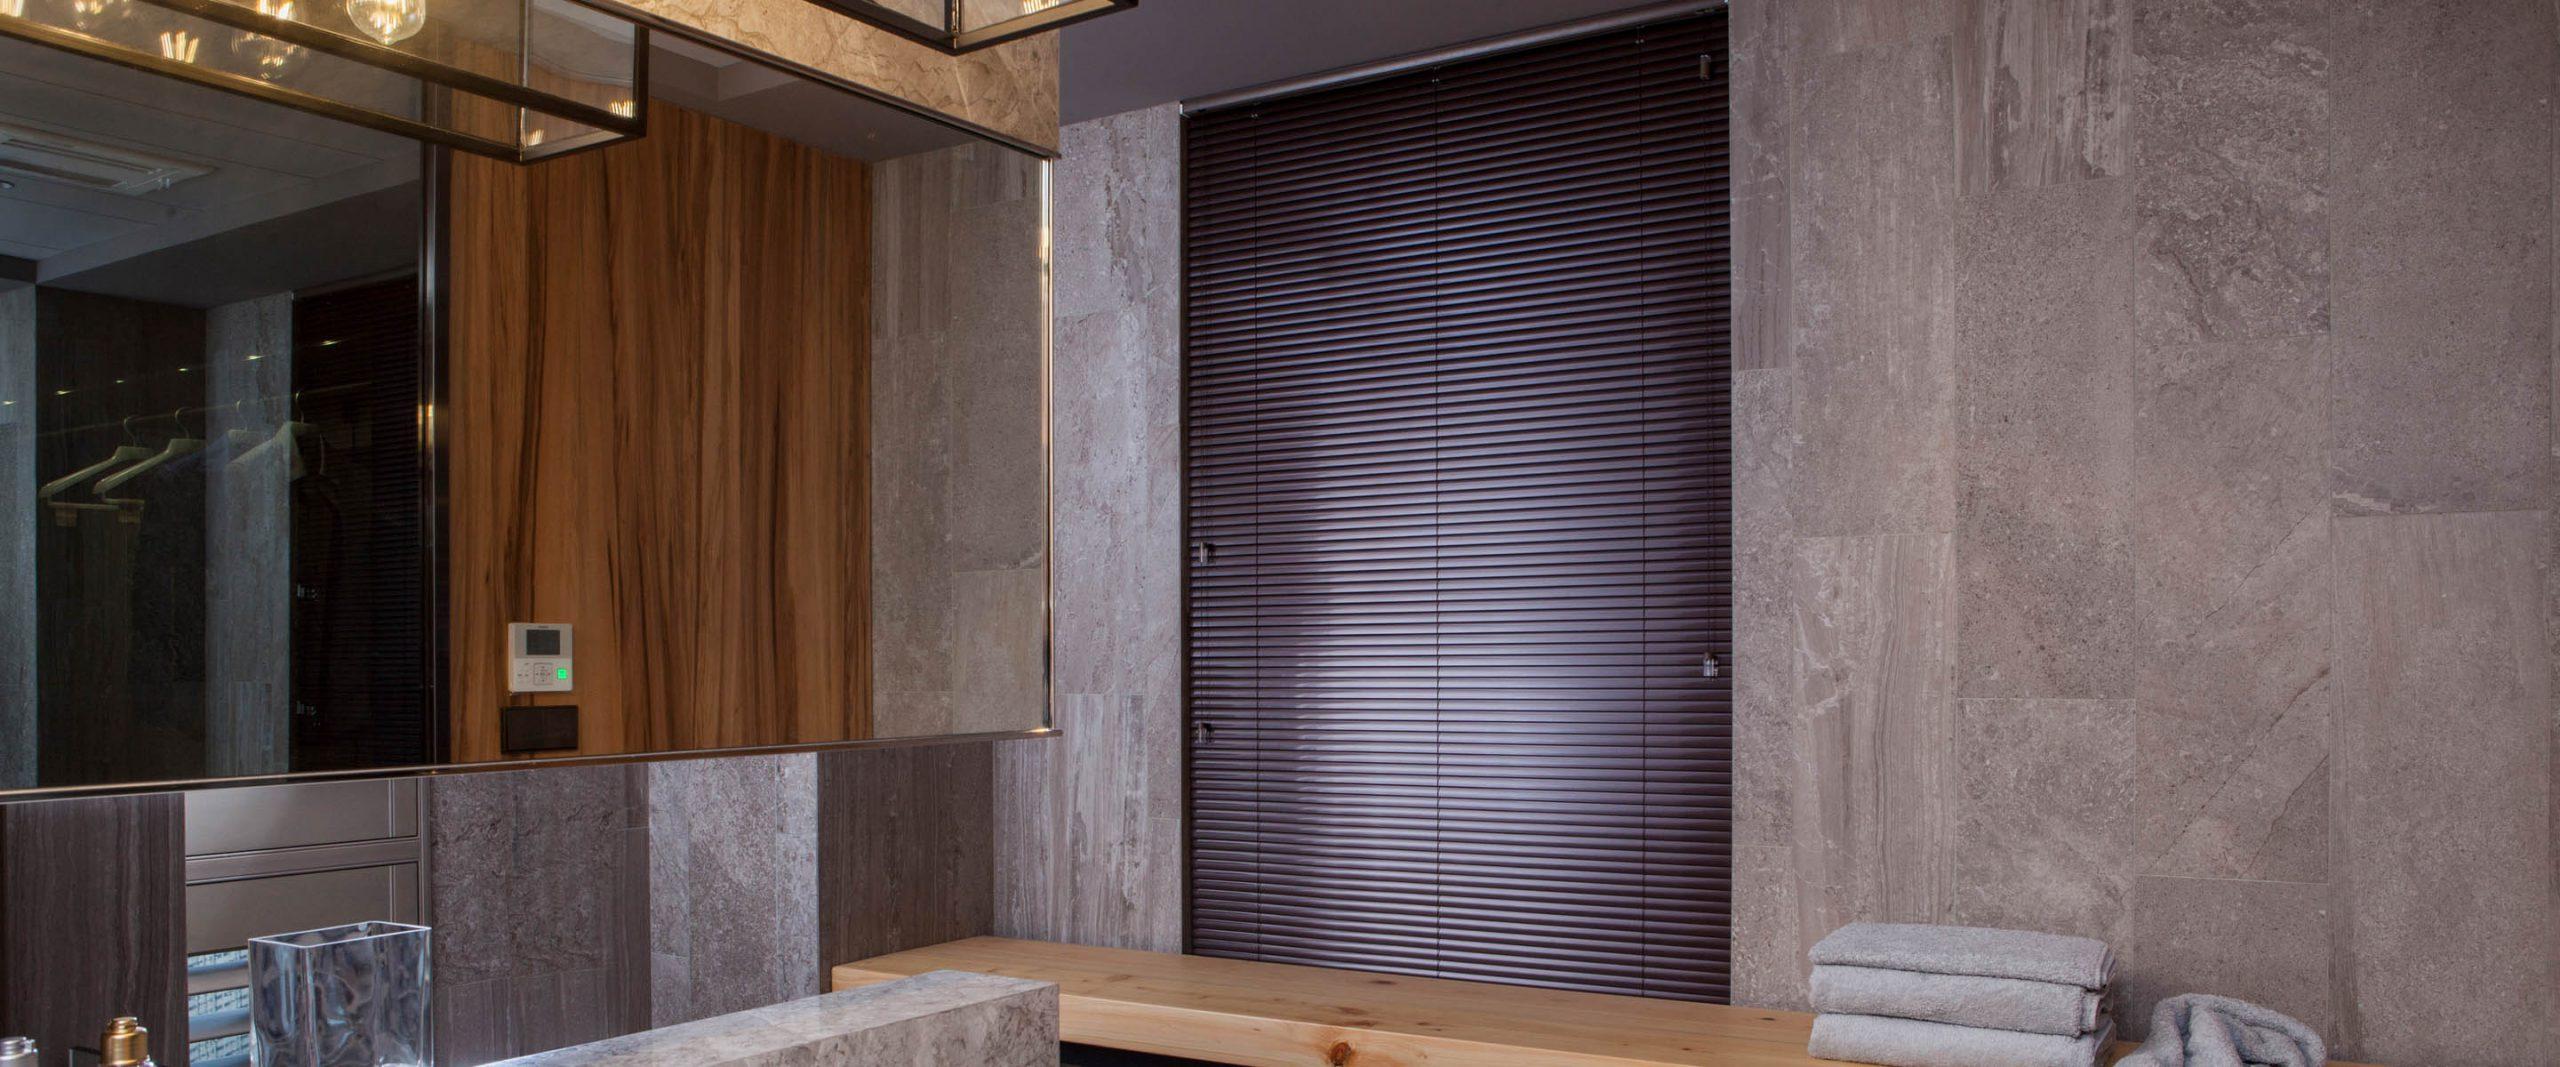 aluminum blinds against concrete wall